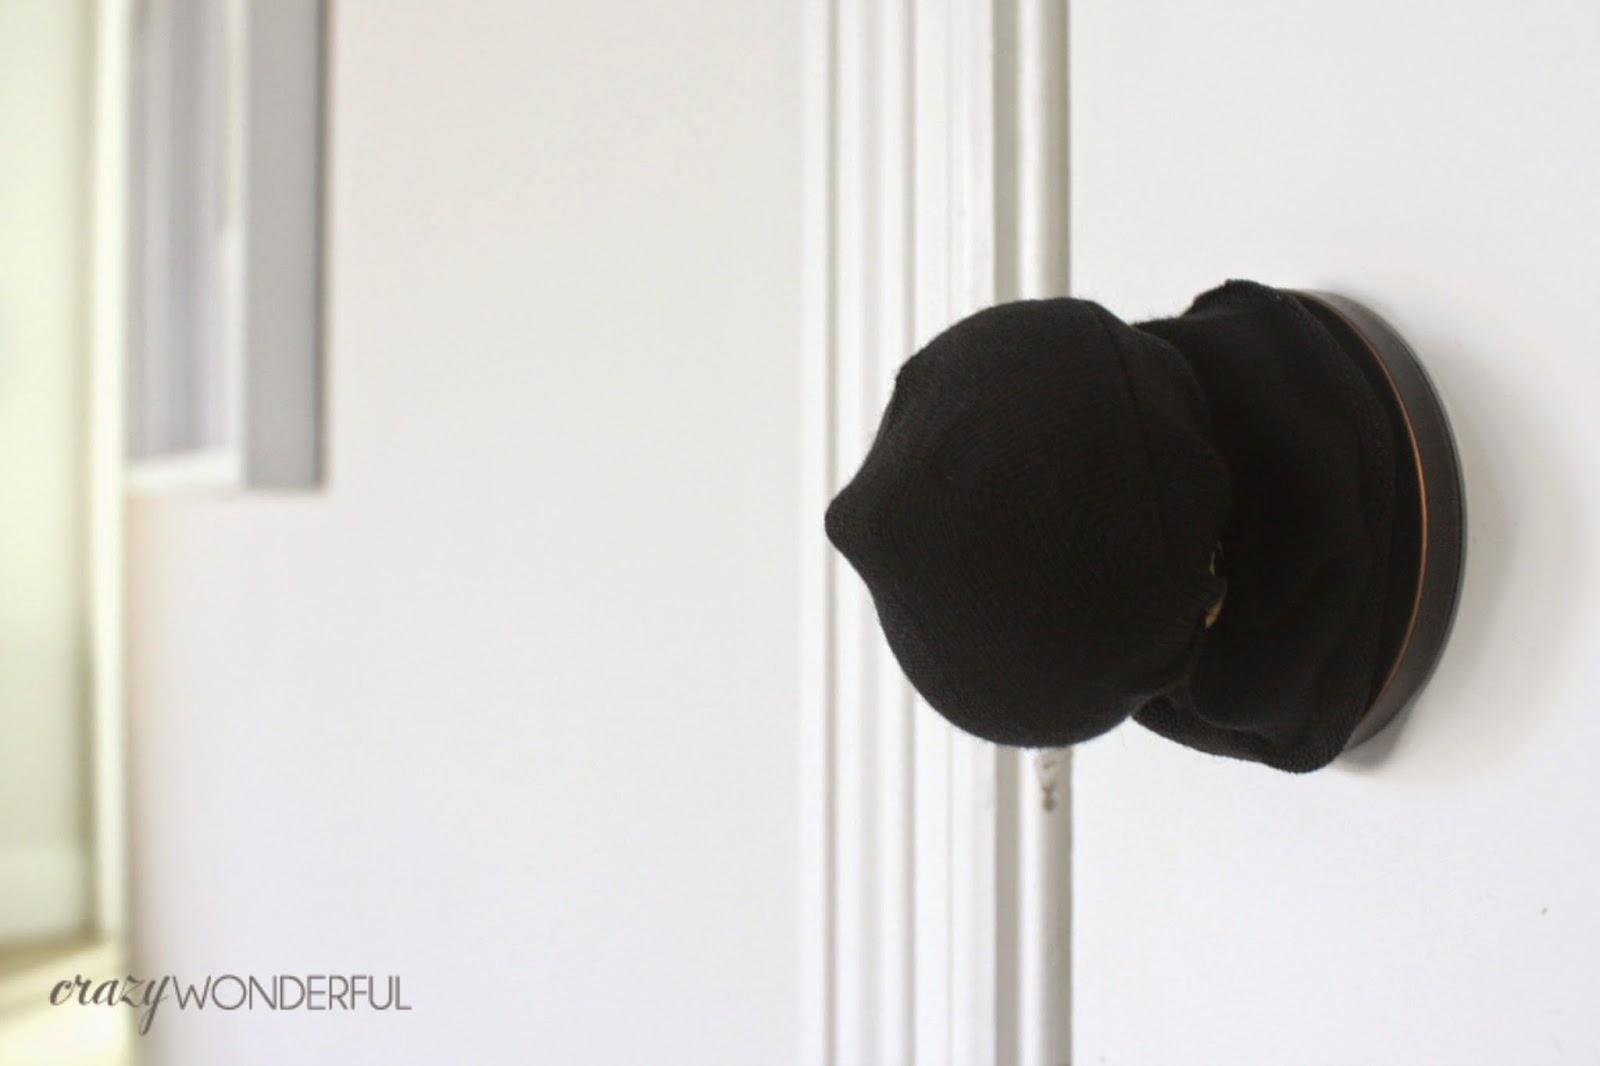 childproofing door knobs photo - 11